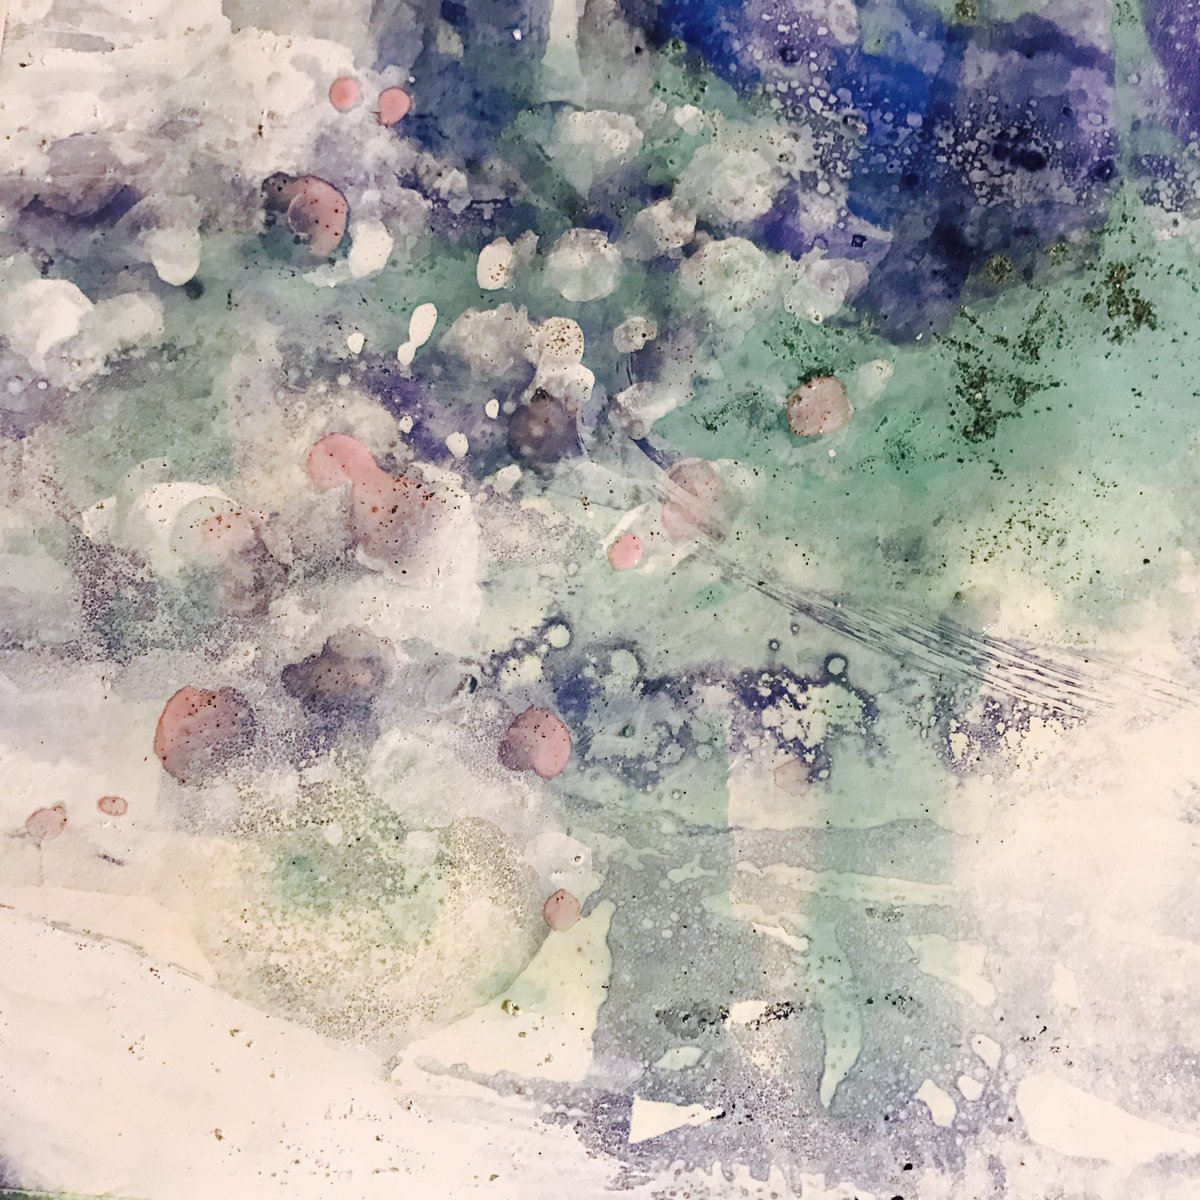 ギャラリーカノン開催私の想い本    グループ展6月12〜24日  日曜休廊     高橋睦未   守り人シリーズから